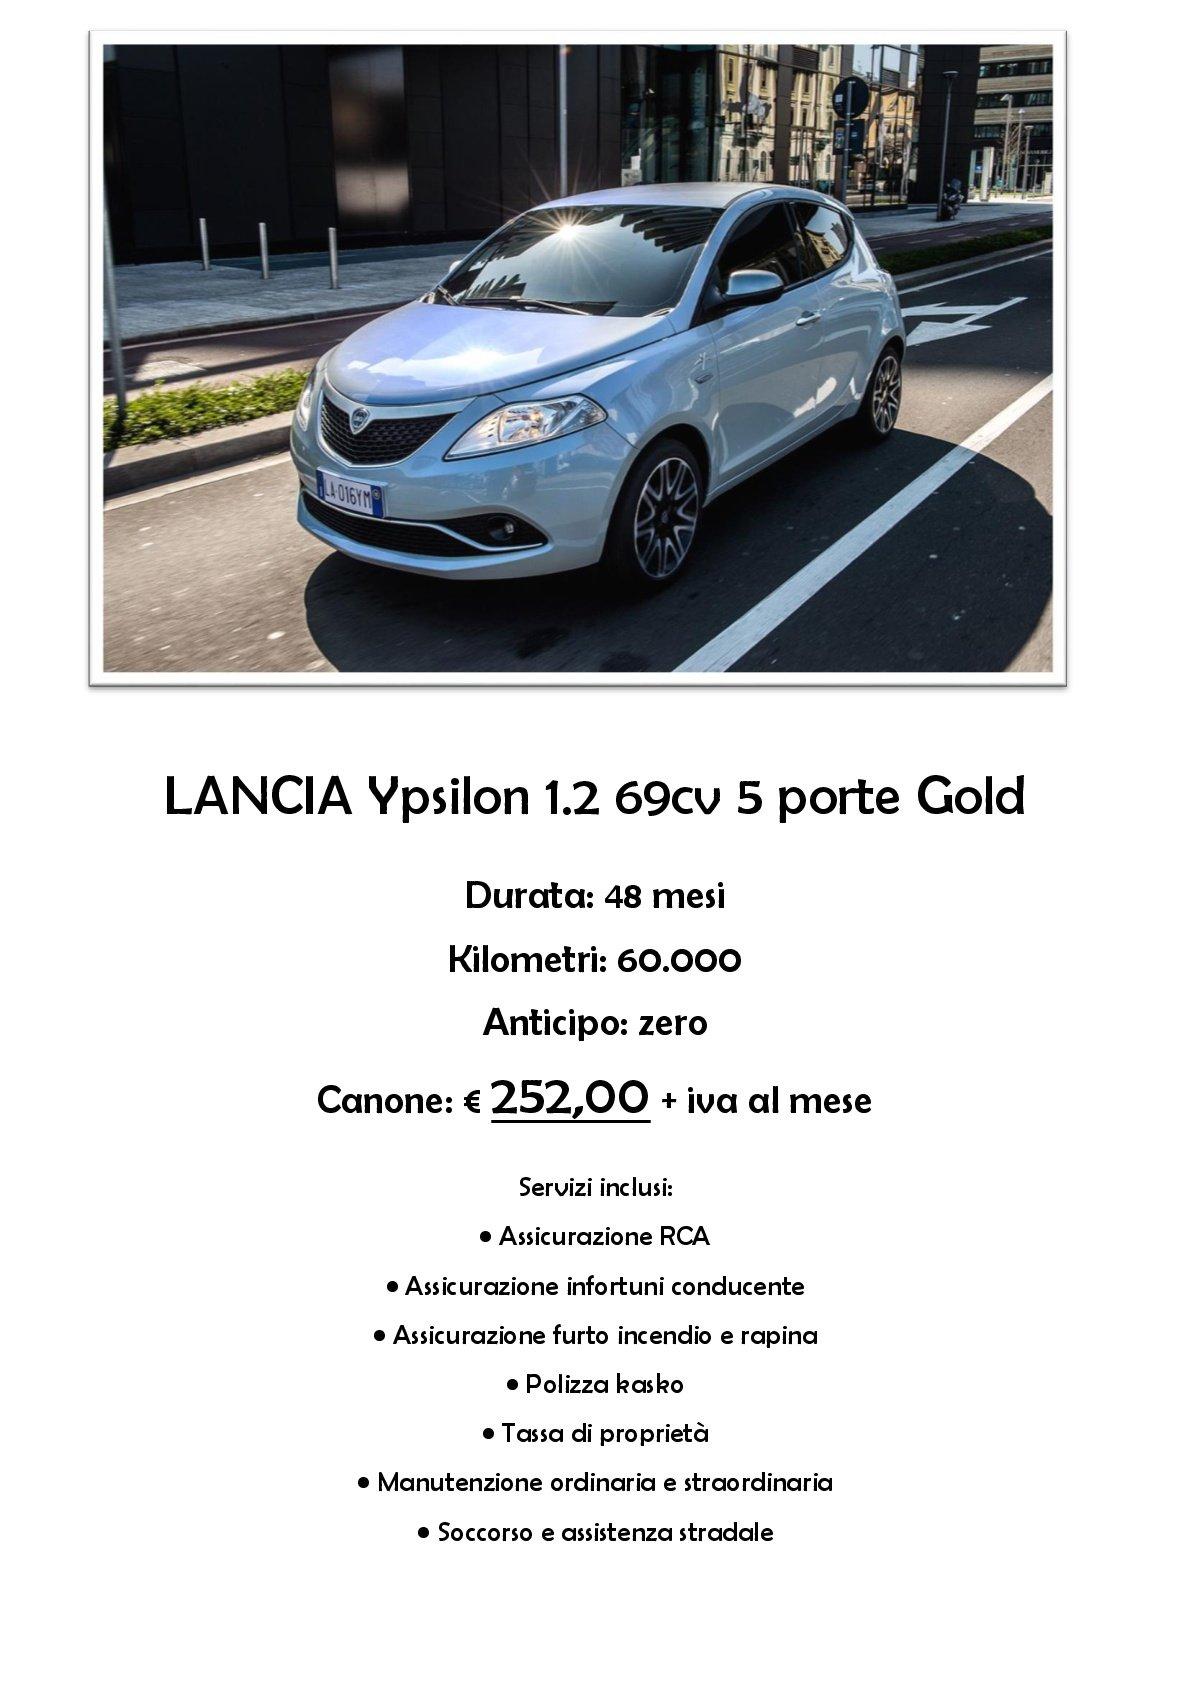 Promozione Lancia Ypsilon